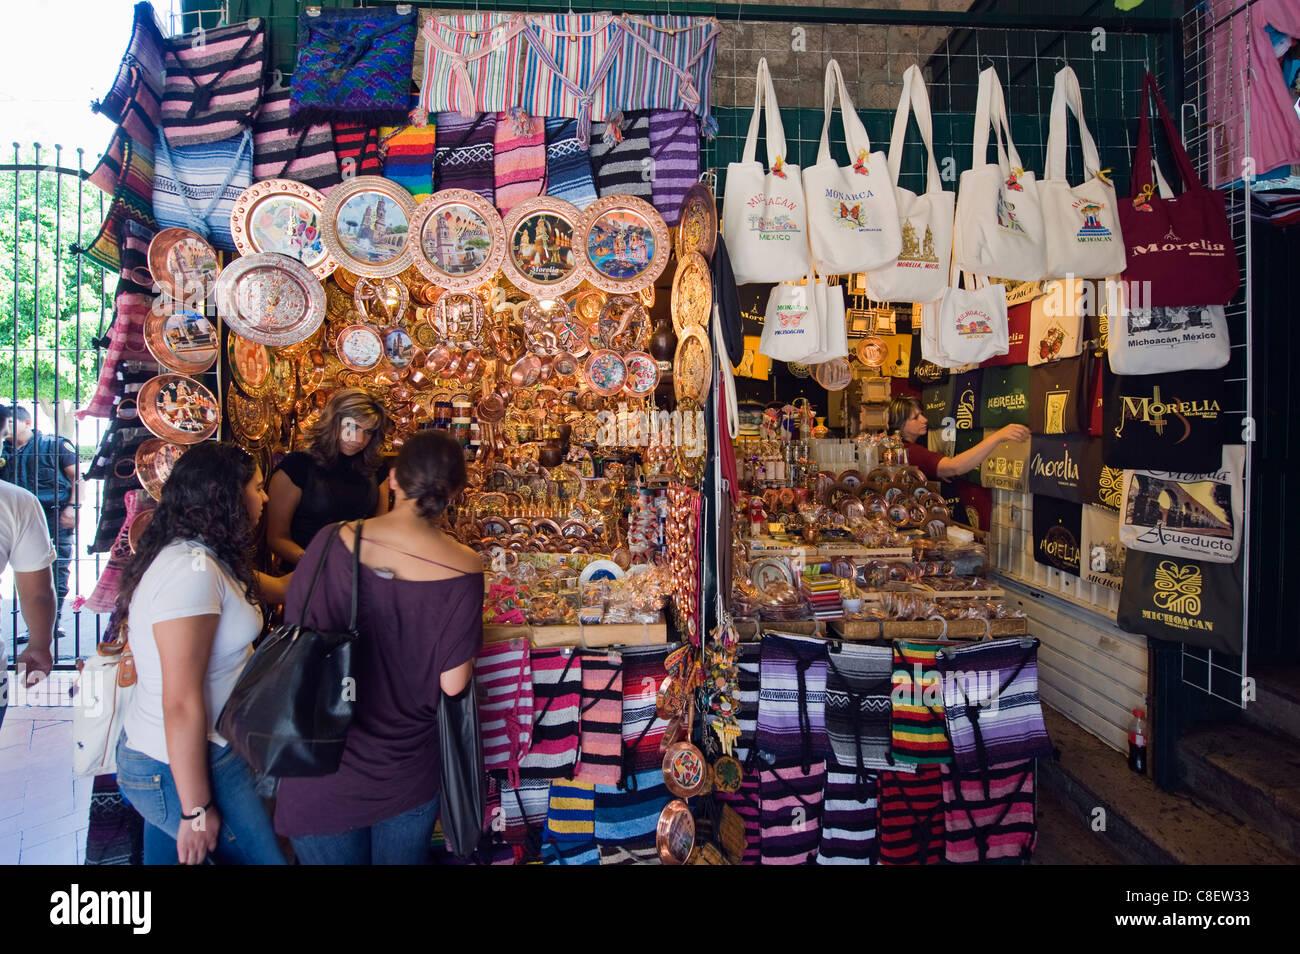 Mercado de Dulces, Morelia, Michoacan state, Mexico - Stock Image